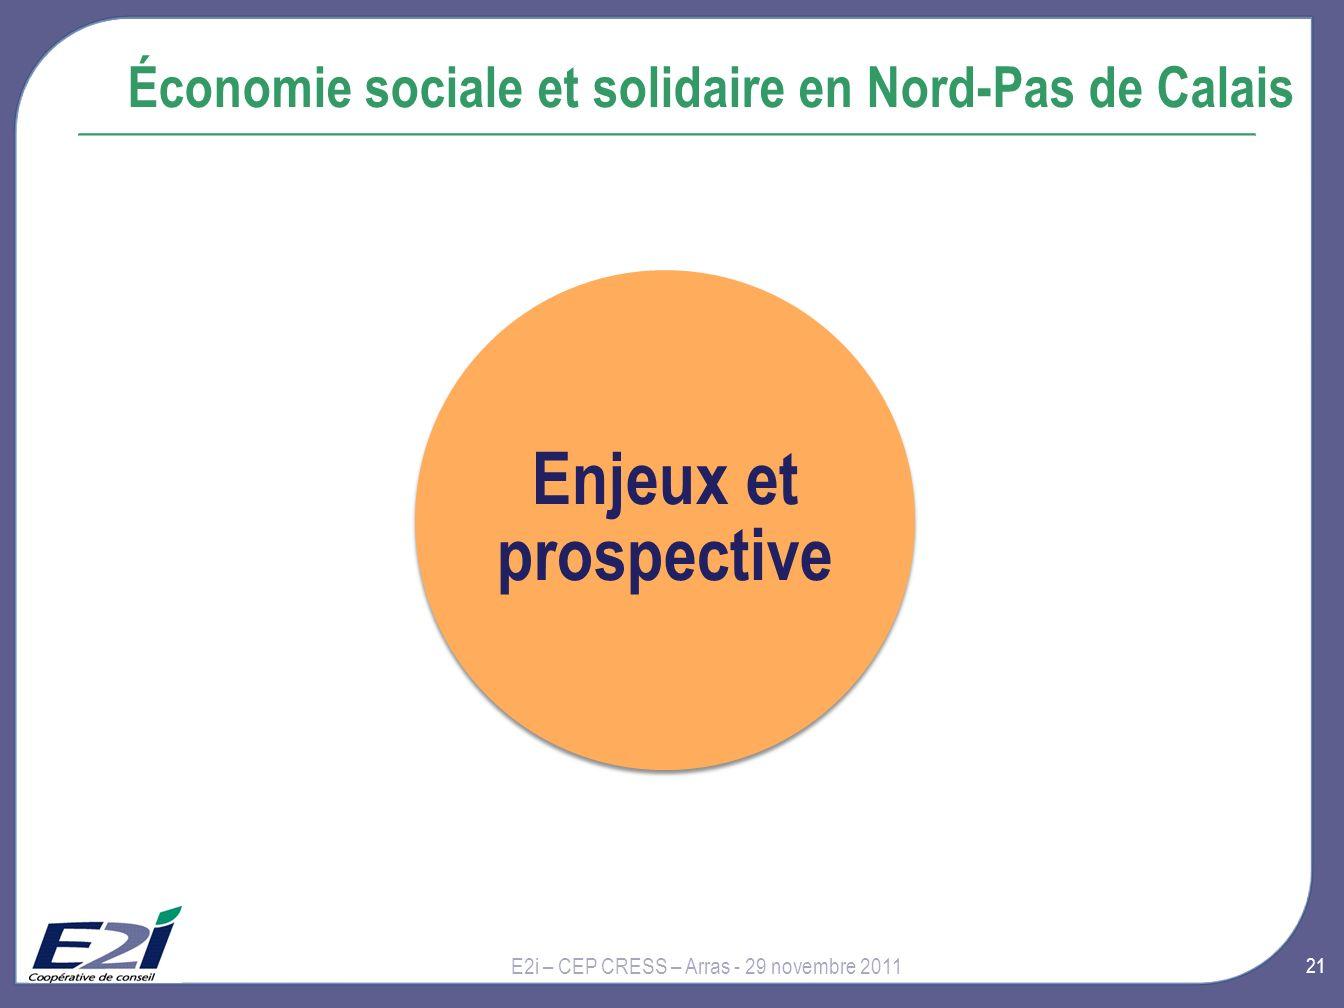 21 Économie sociale et solidaire en Nord-Pas de Calais E2i – CEP CRESS – Arras - 29 novembre 2011 Enjeux et prospective